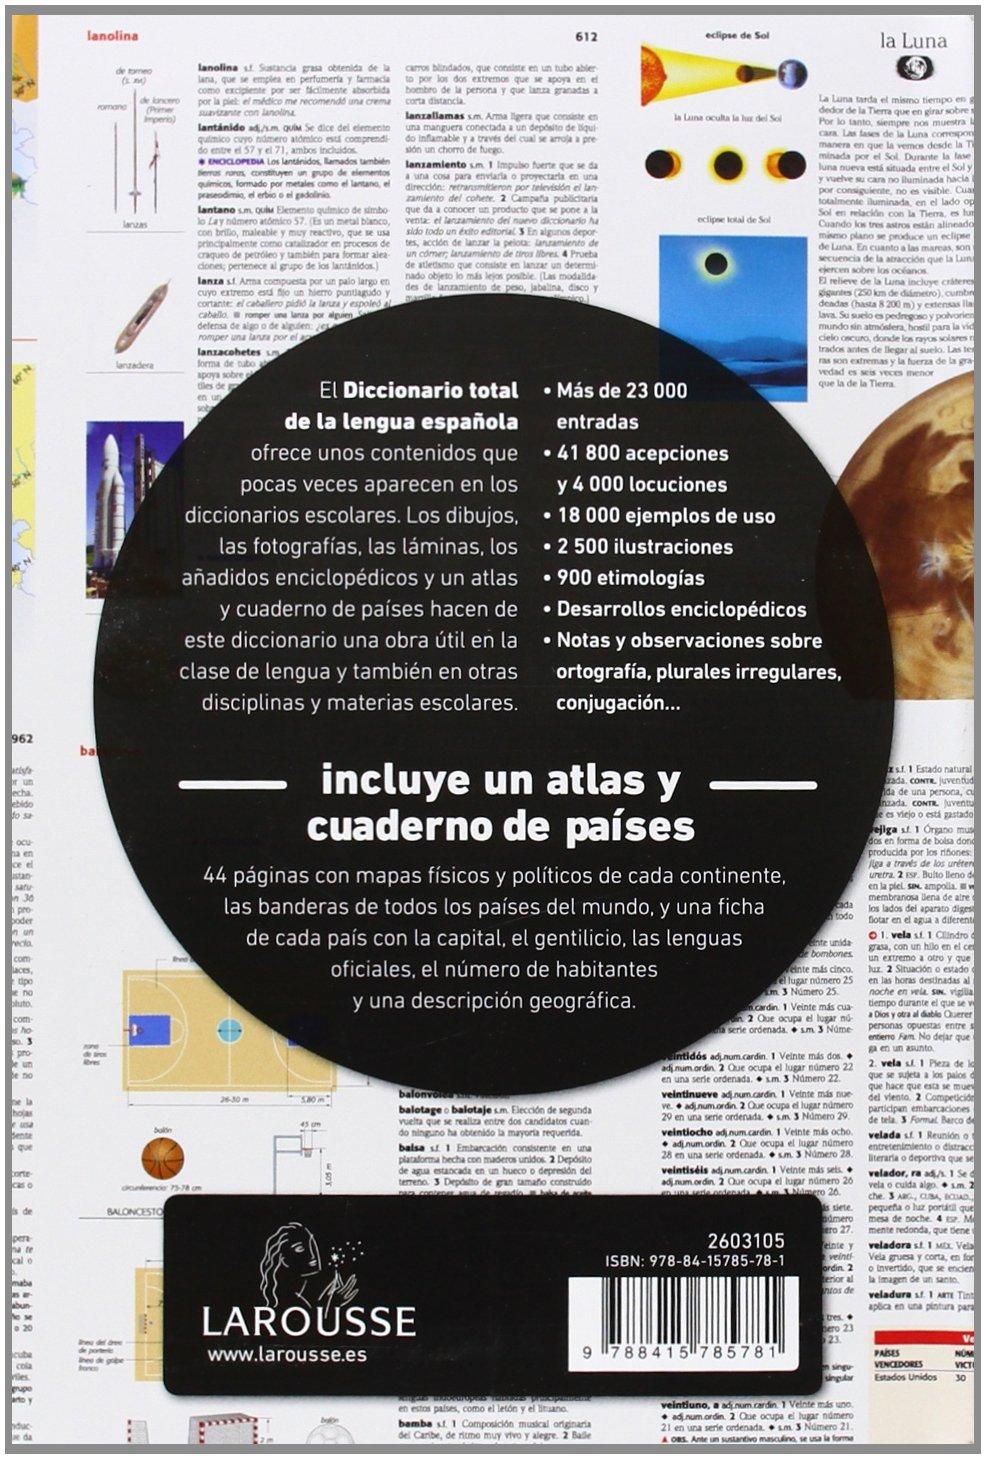 Diccionario Total de la Lengua Española Larousse - Lengua Española - Diccionarios Escolares: Amazon.es: Larousse Editorial: Libros